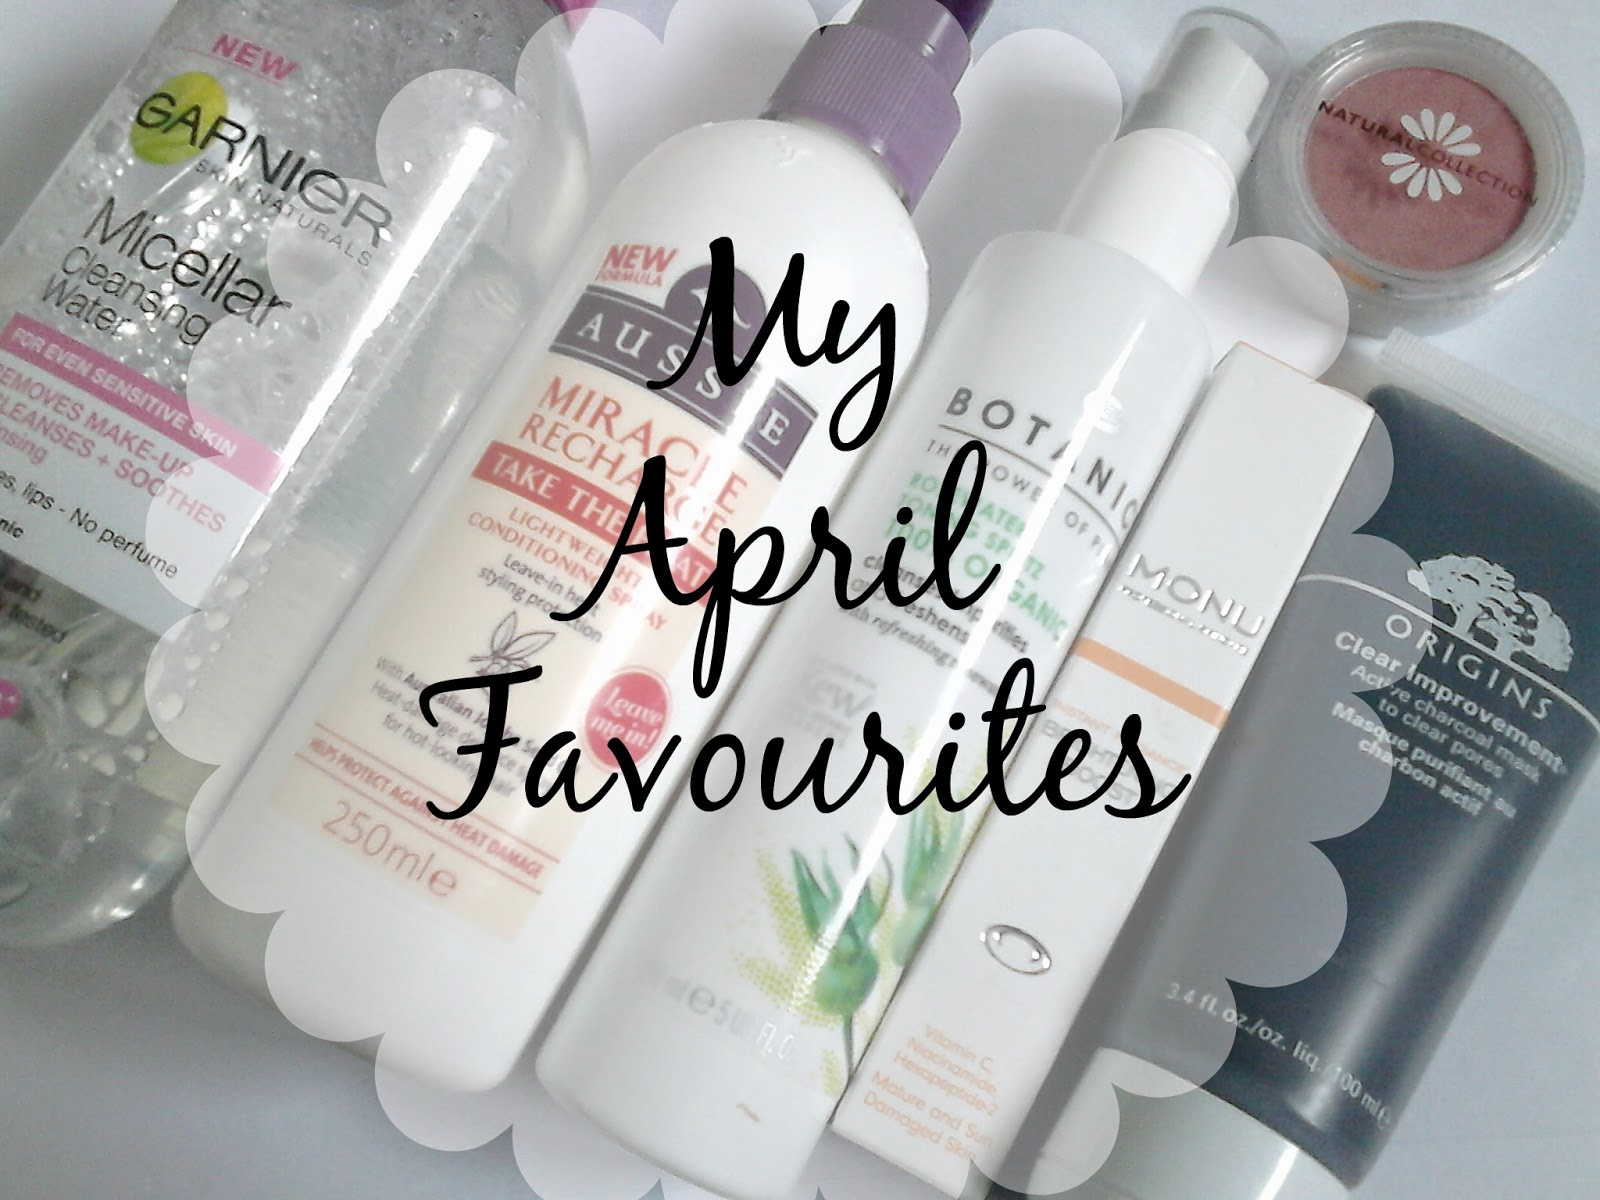 April Beauty Favourites